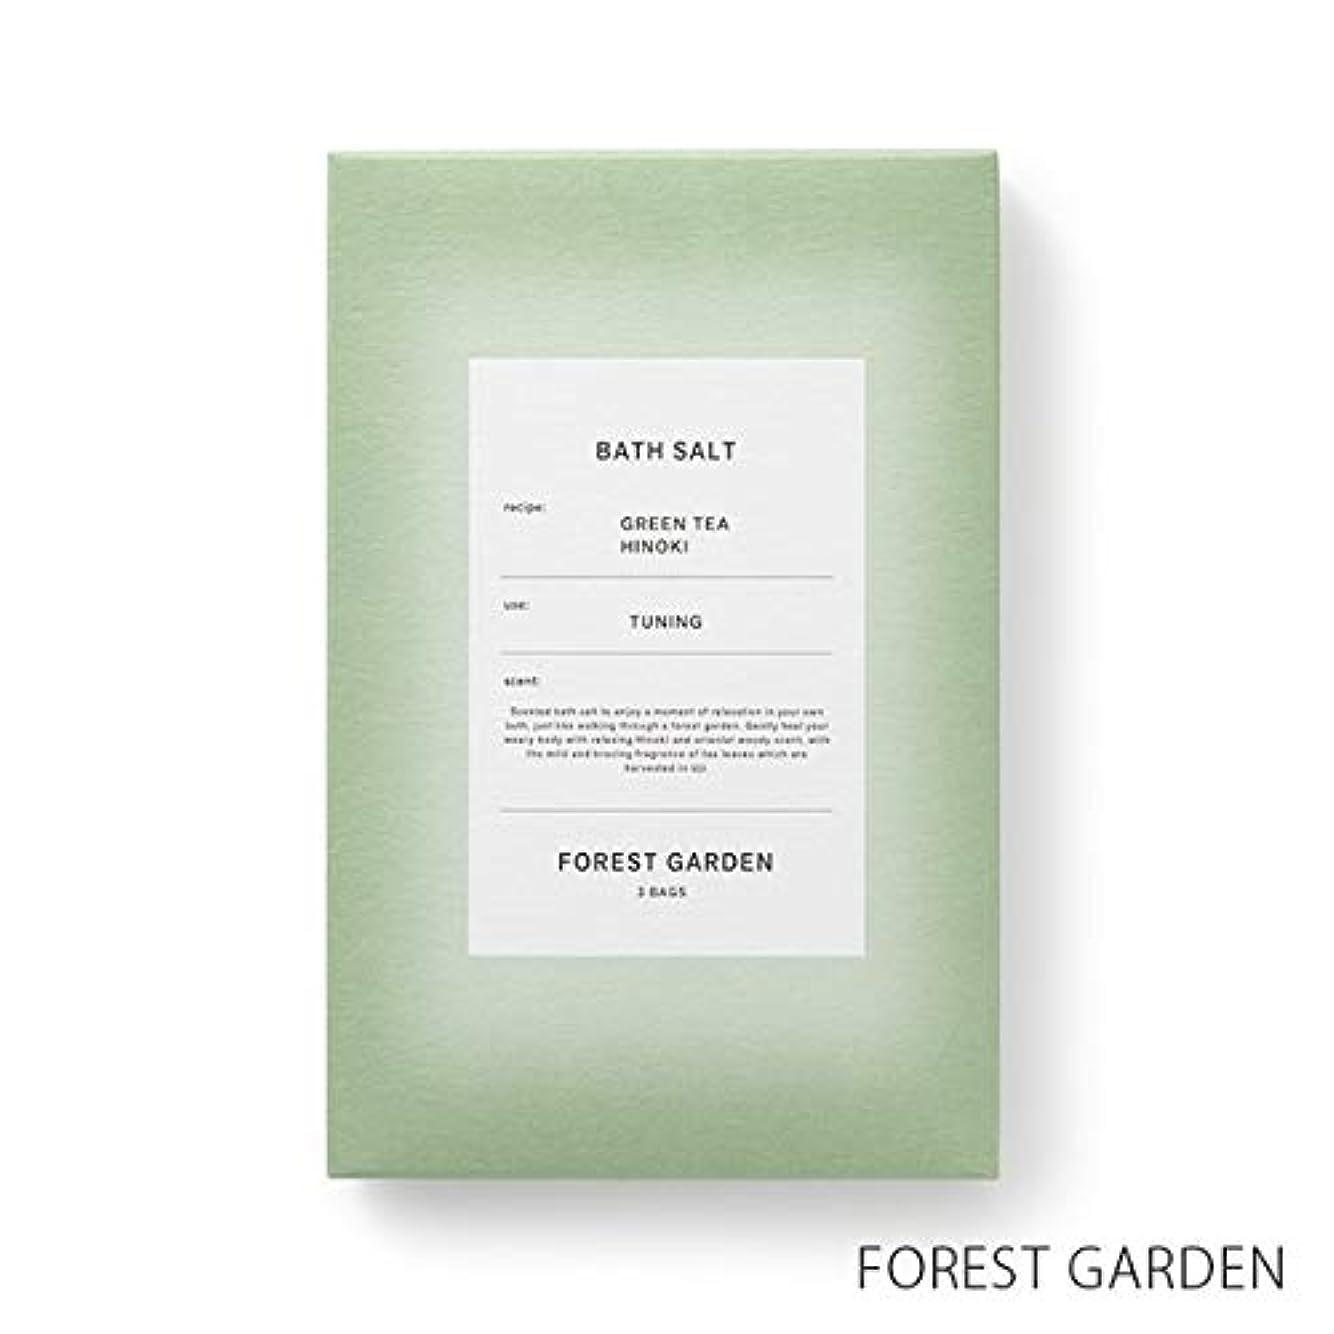 貴重なほこり狼【薫玉堂】 バスソルト FOREST GARDEN 森の庭 緑 和 宇治茶の香り